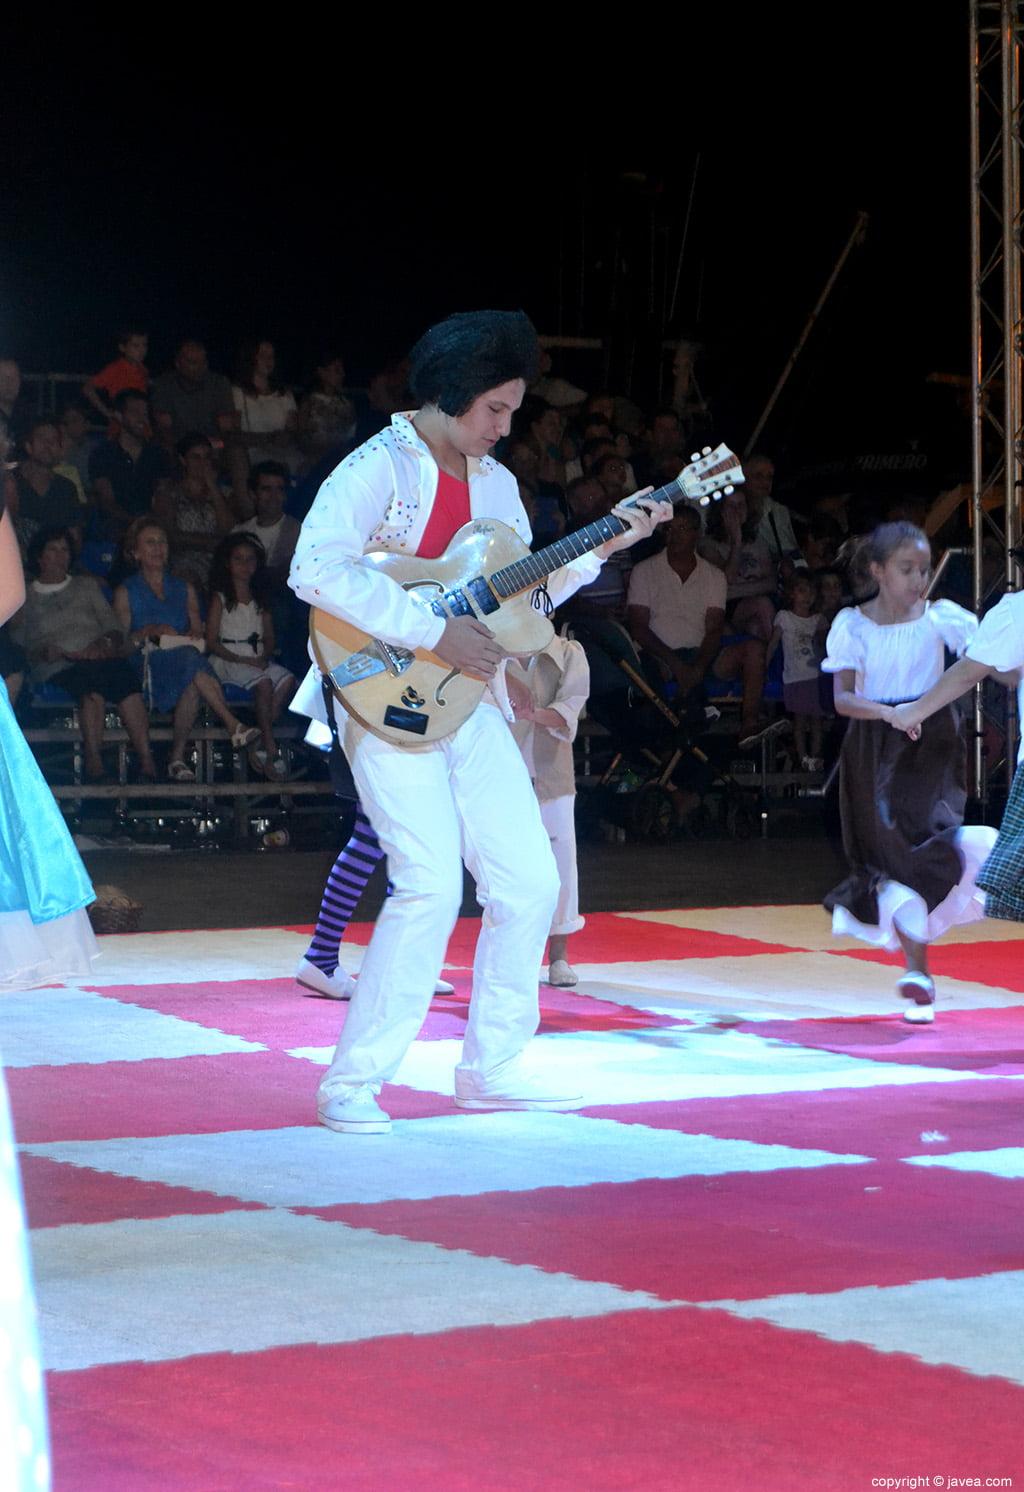 Rey blanco interprentado a Elvis Presley el rey del rock